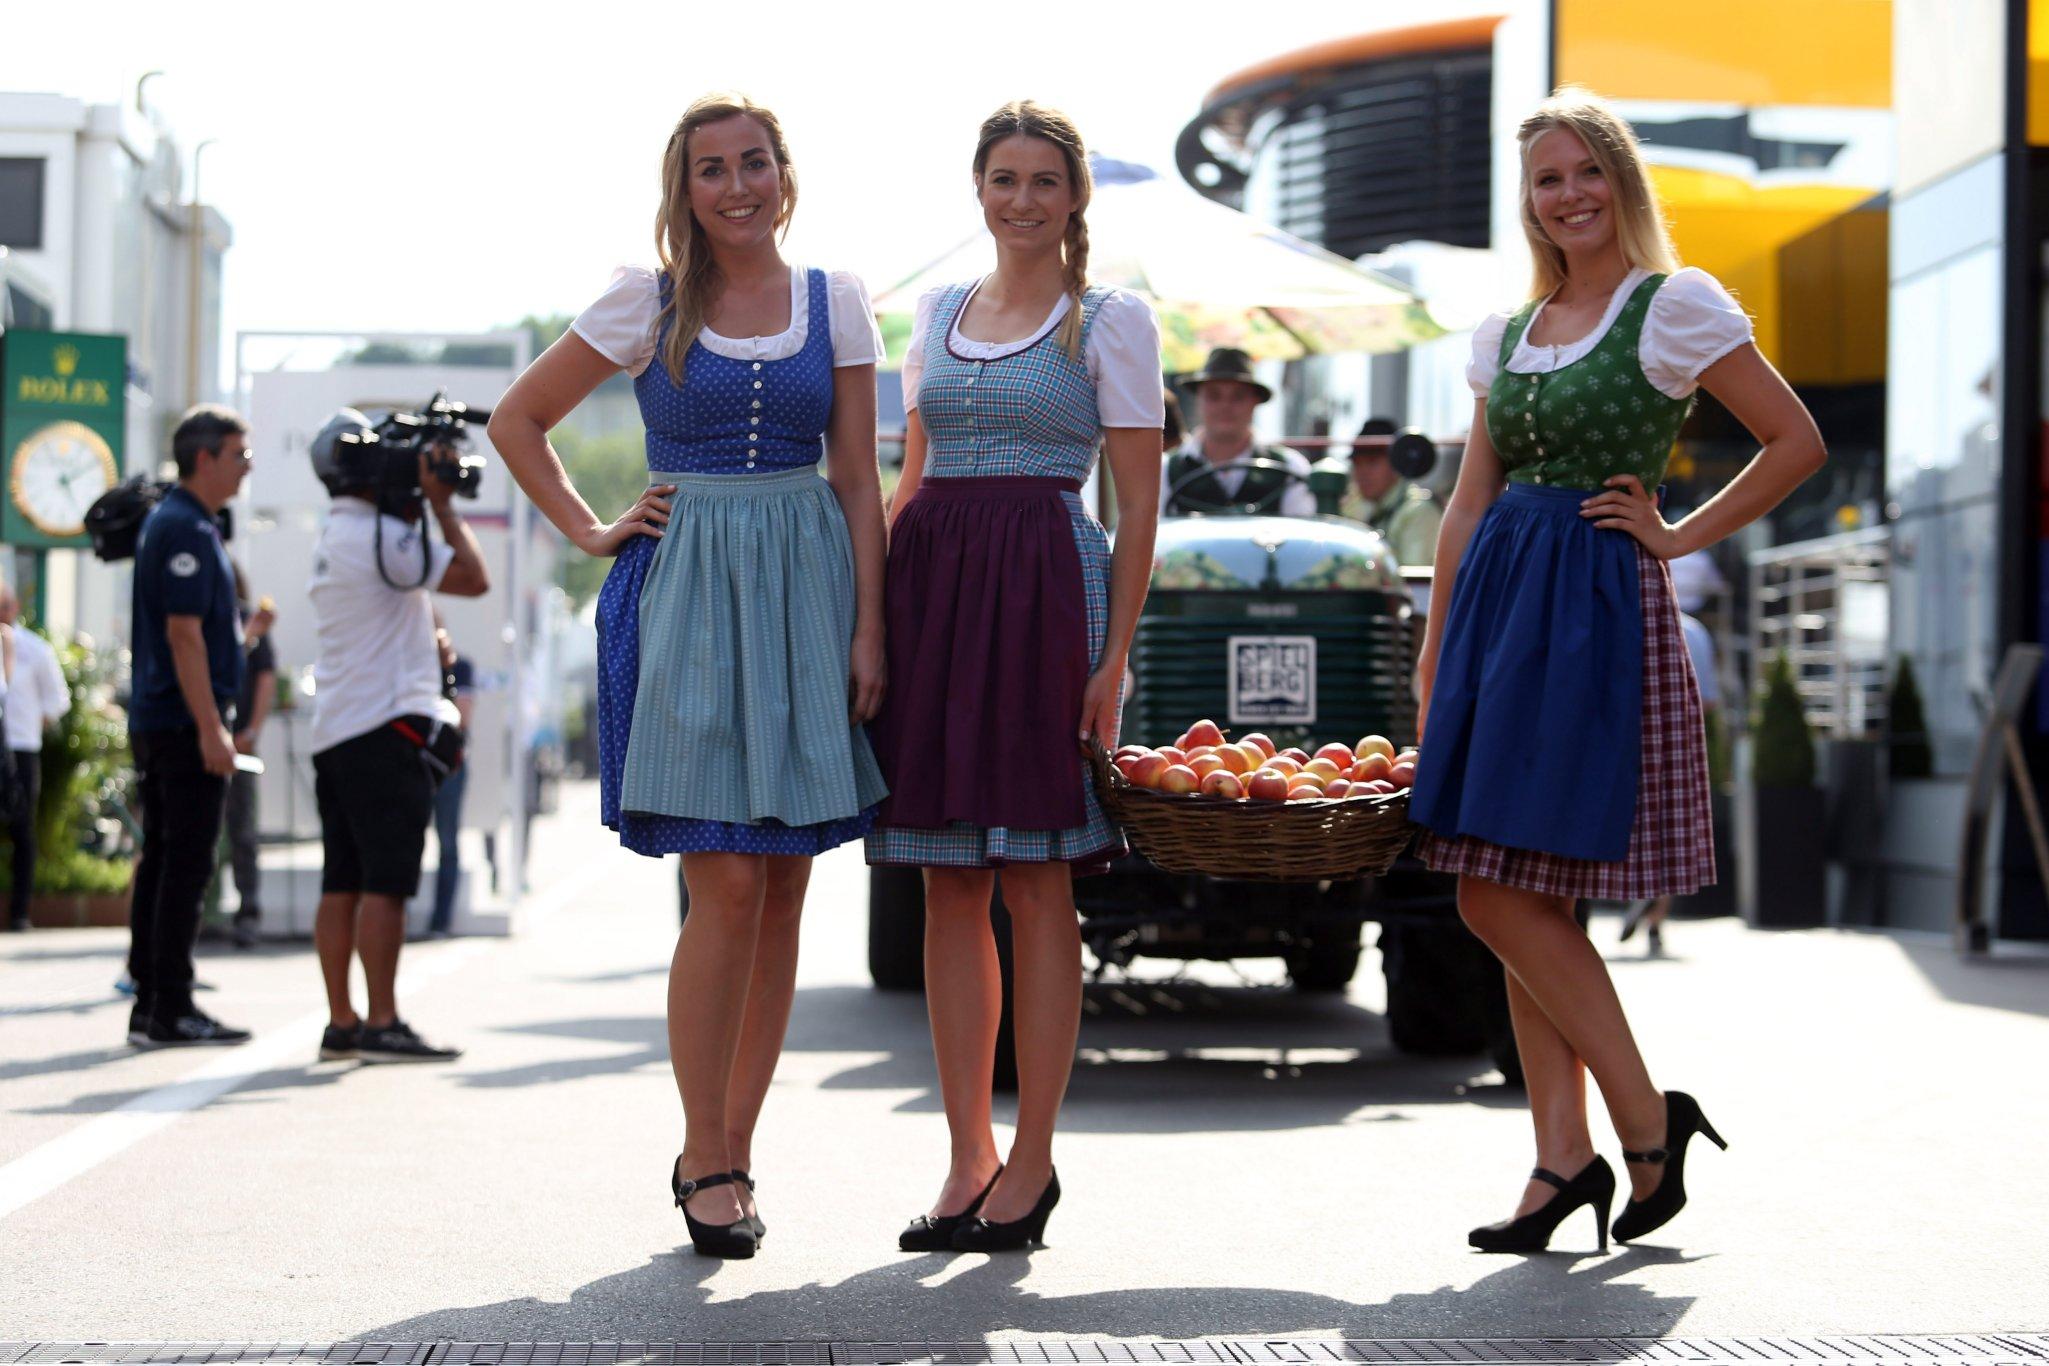 Sky Sport F1, Diretta Esclusiva Gp Austria (27 - 30 Giugno). In chiaro differita TV8